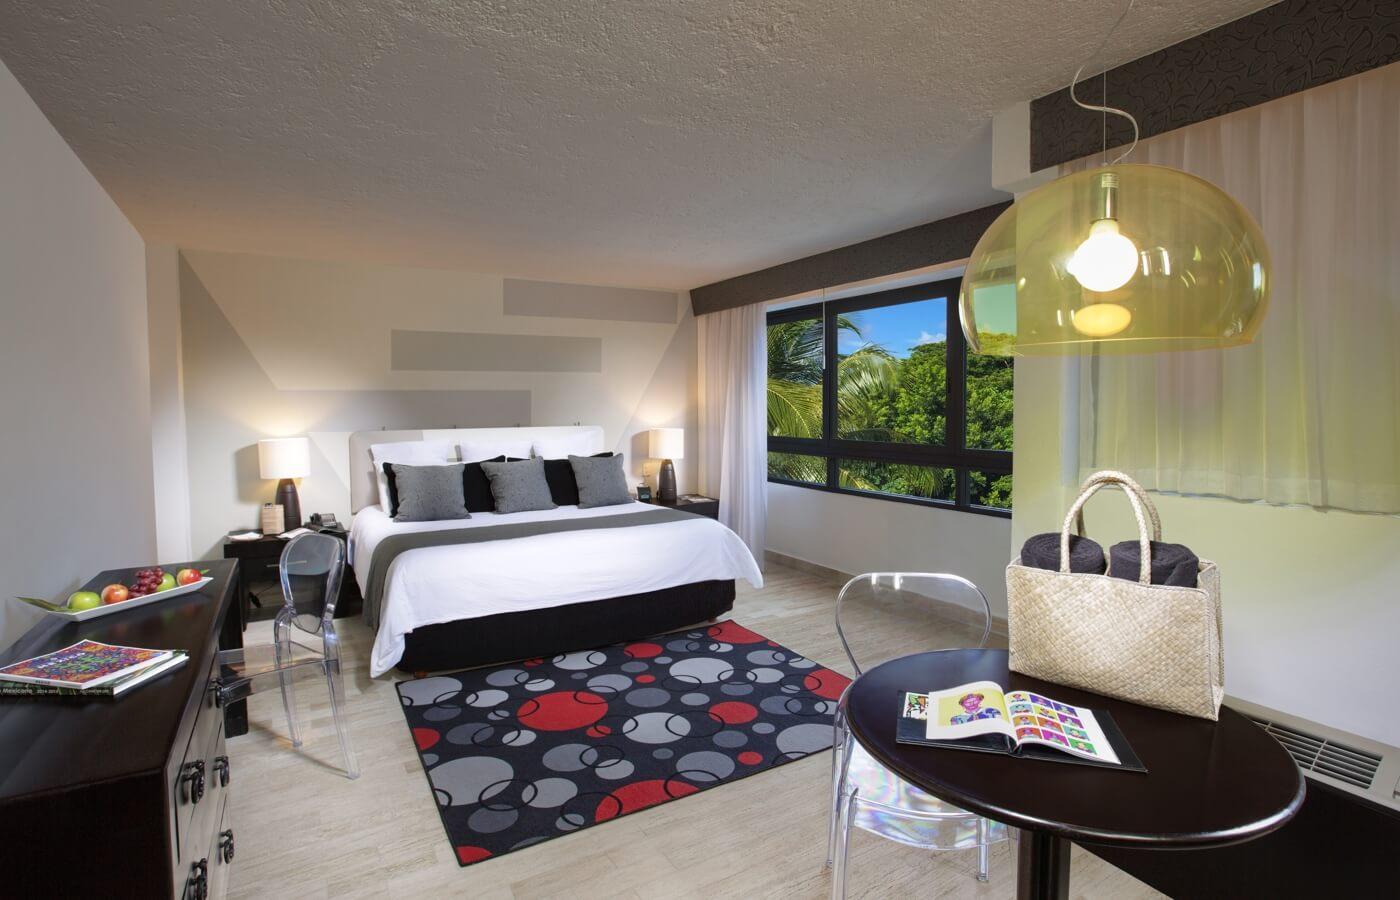 Habitación con cama King Size en hotel Oh! Cancun The Urban Oasis